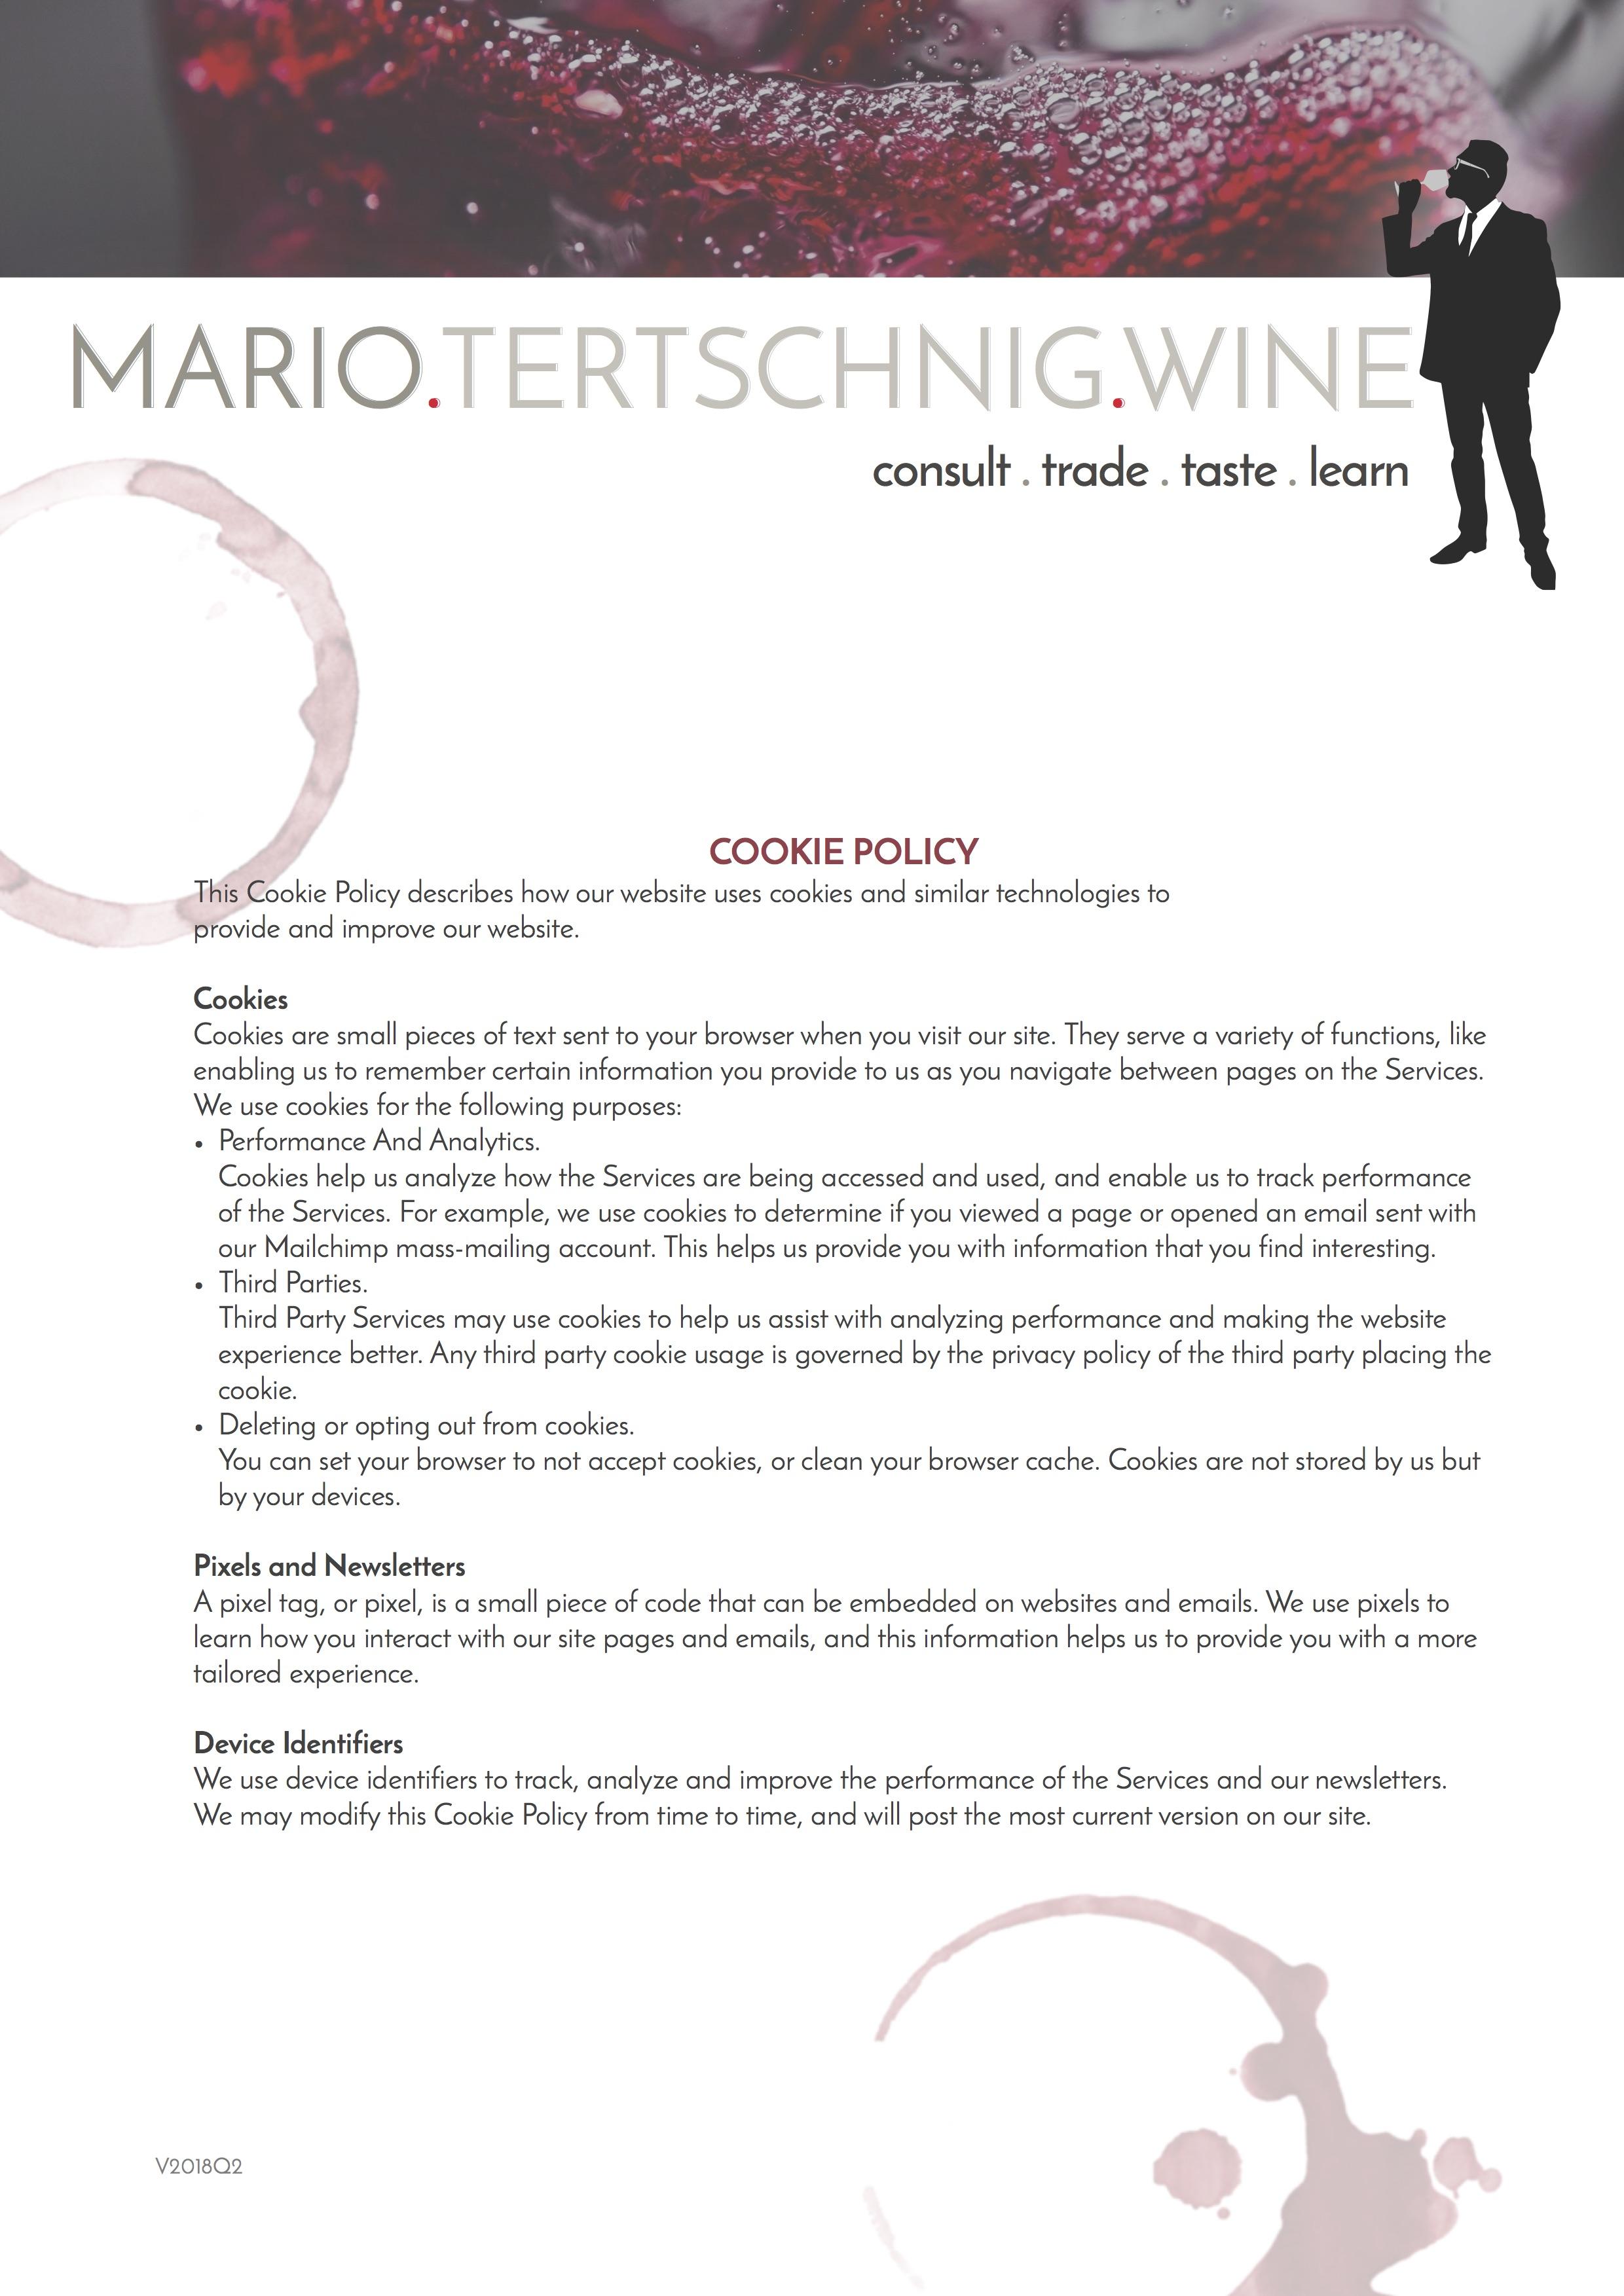 Mario.wine Cookie Policy JPG.jpg